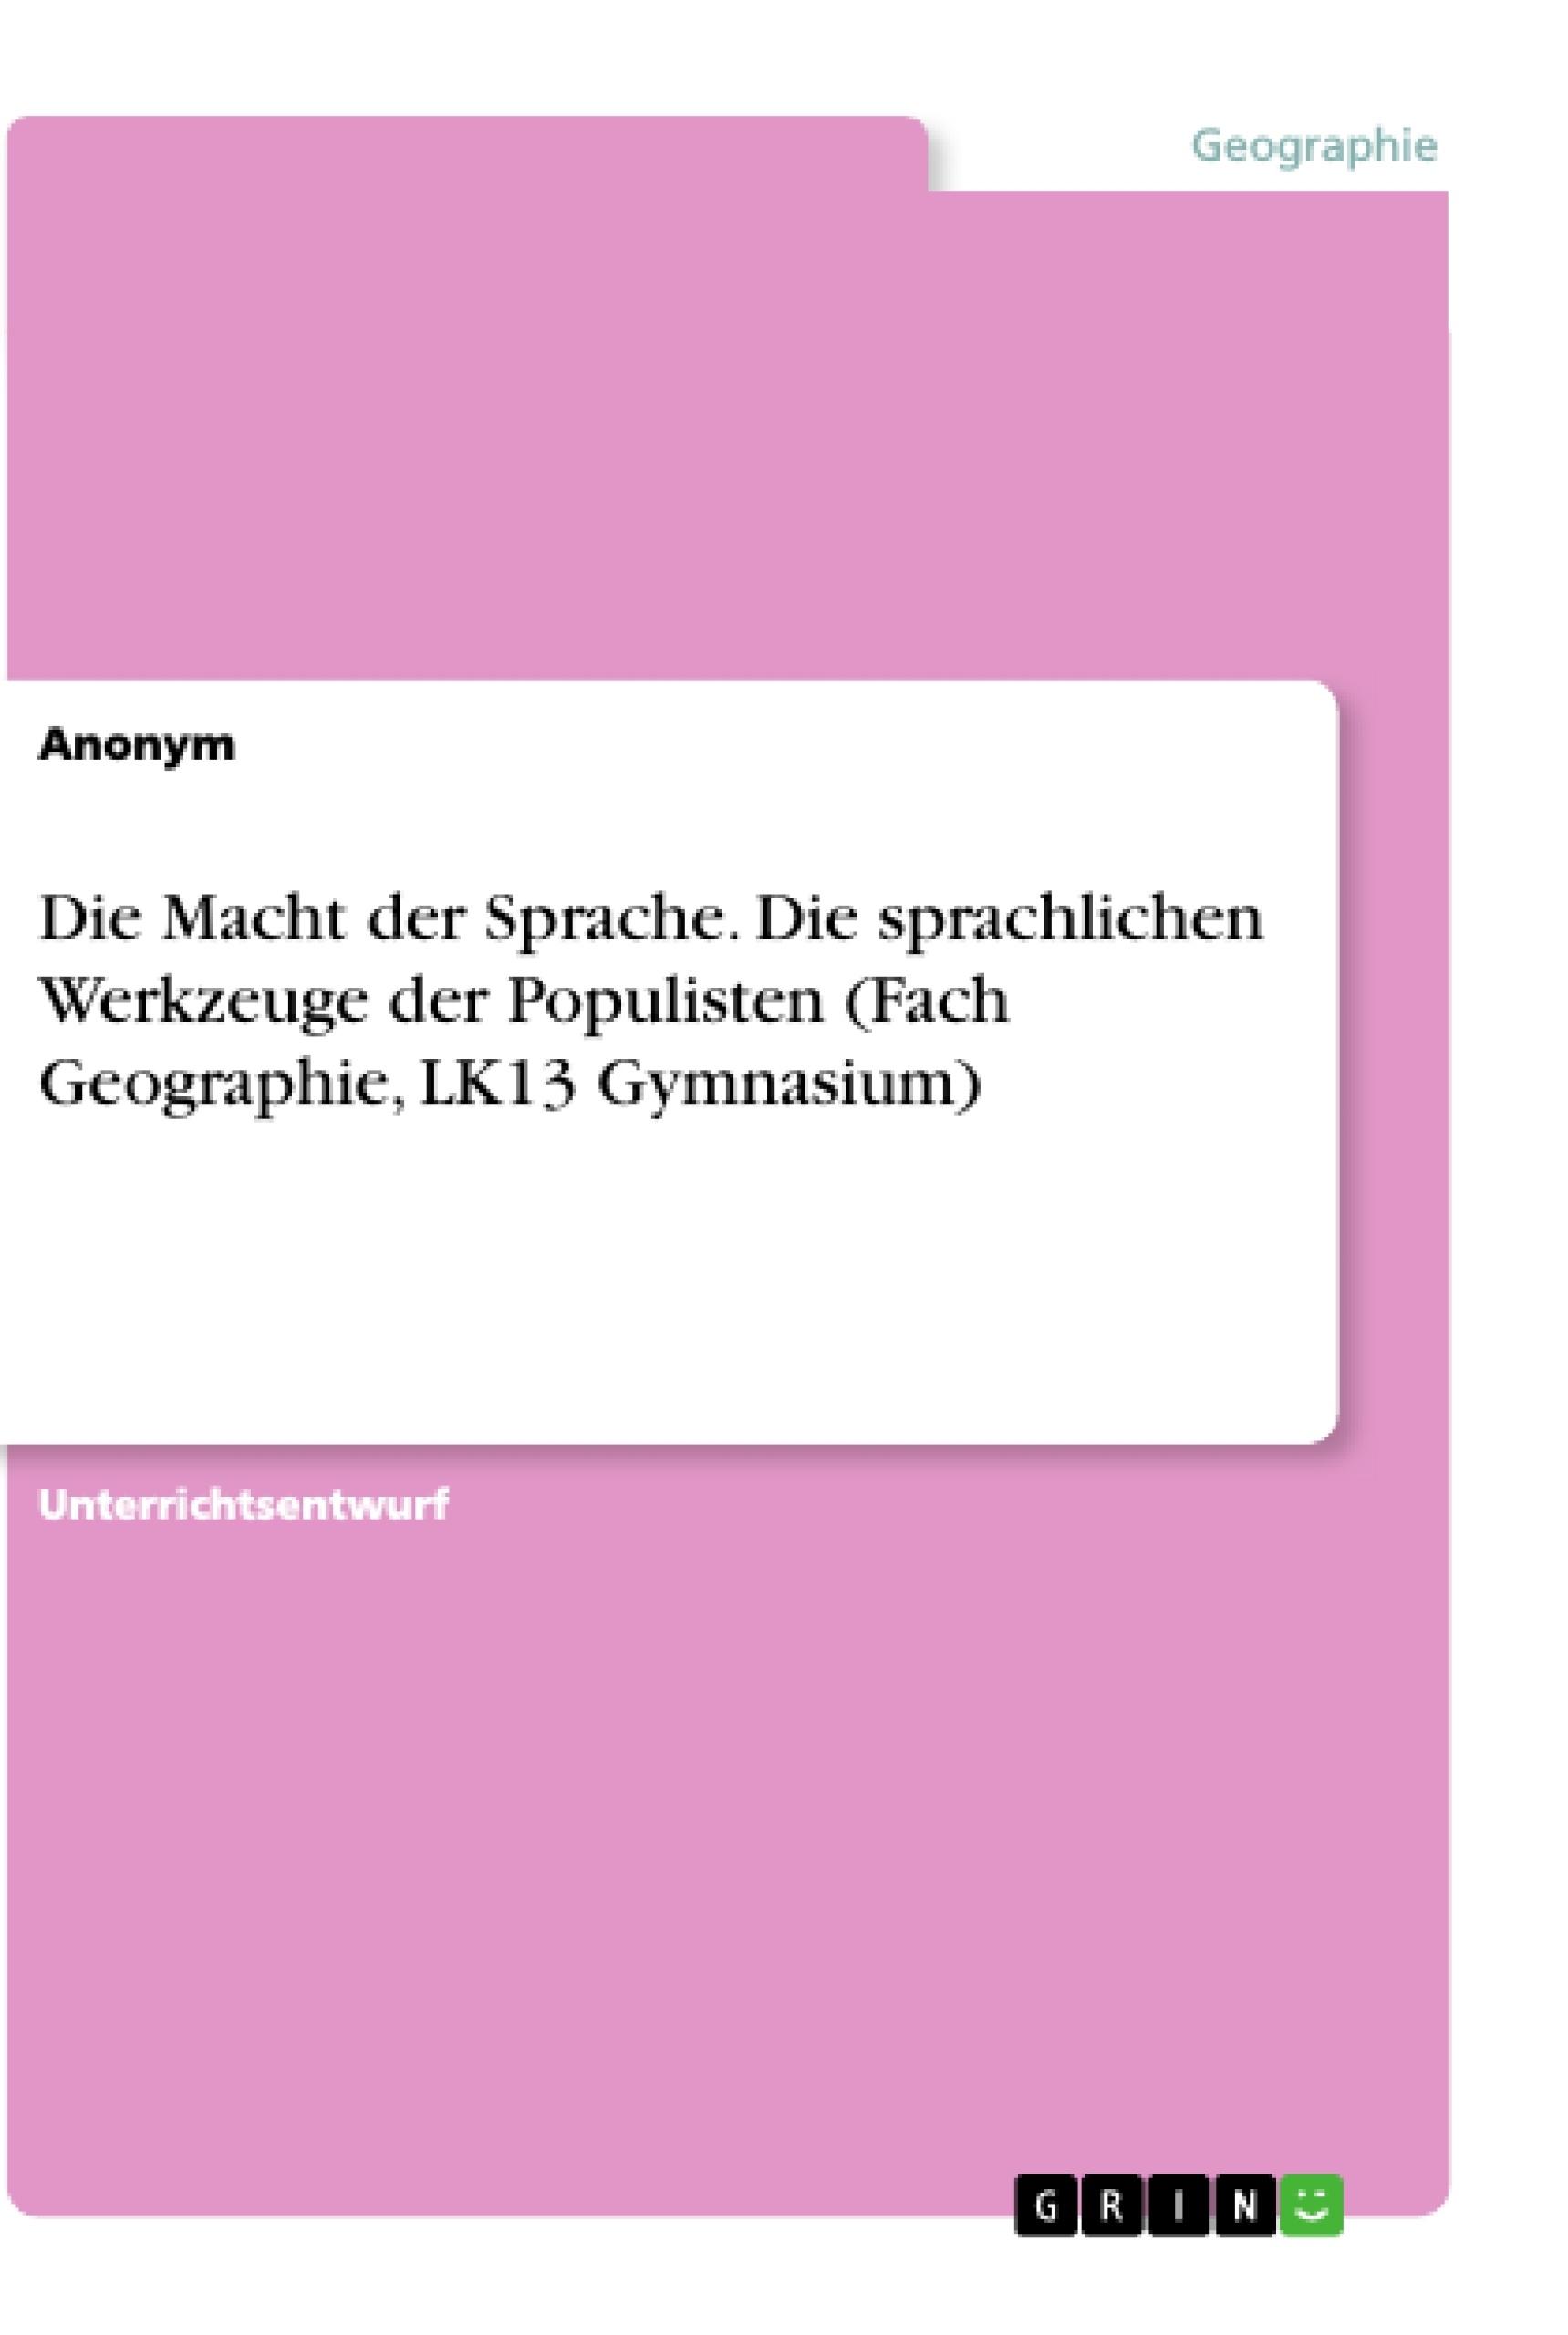 Titel: Die Macht der Sprache. Die sprachlichen Werkzeuge der Populisten (Fach Geographie, LK13 Gymnasium)